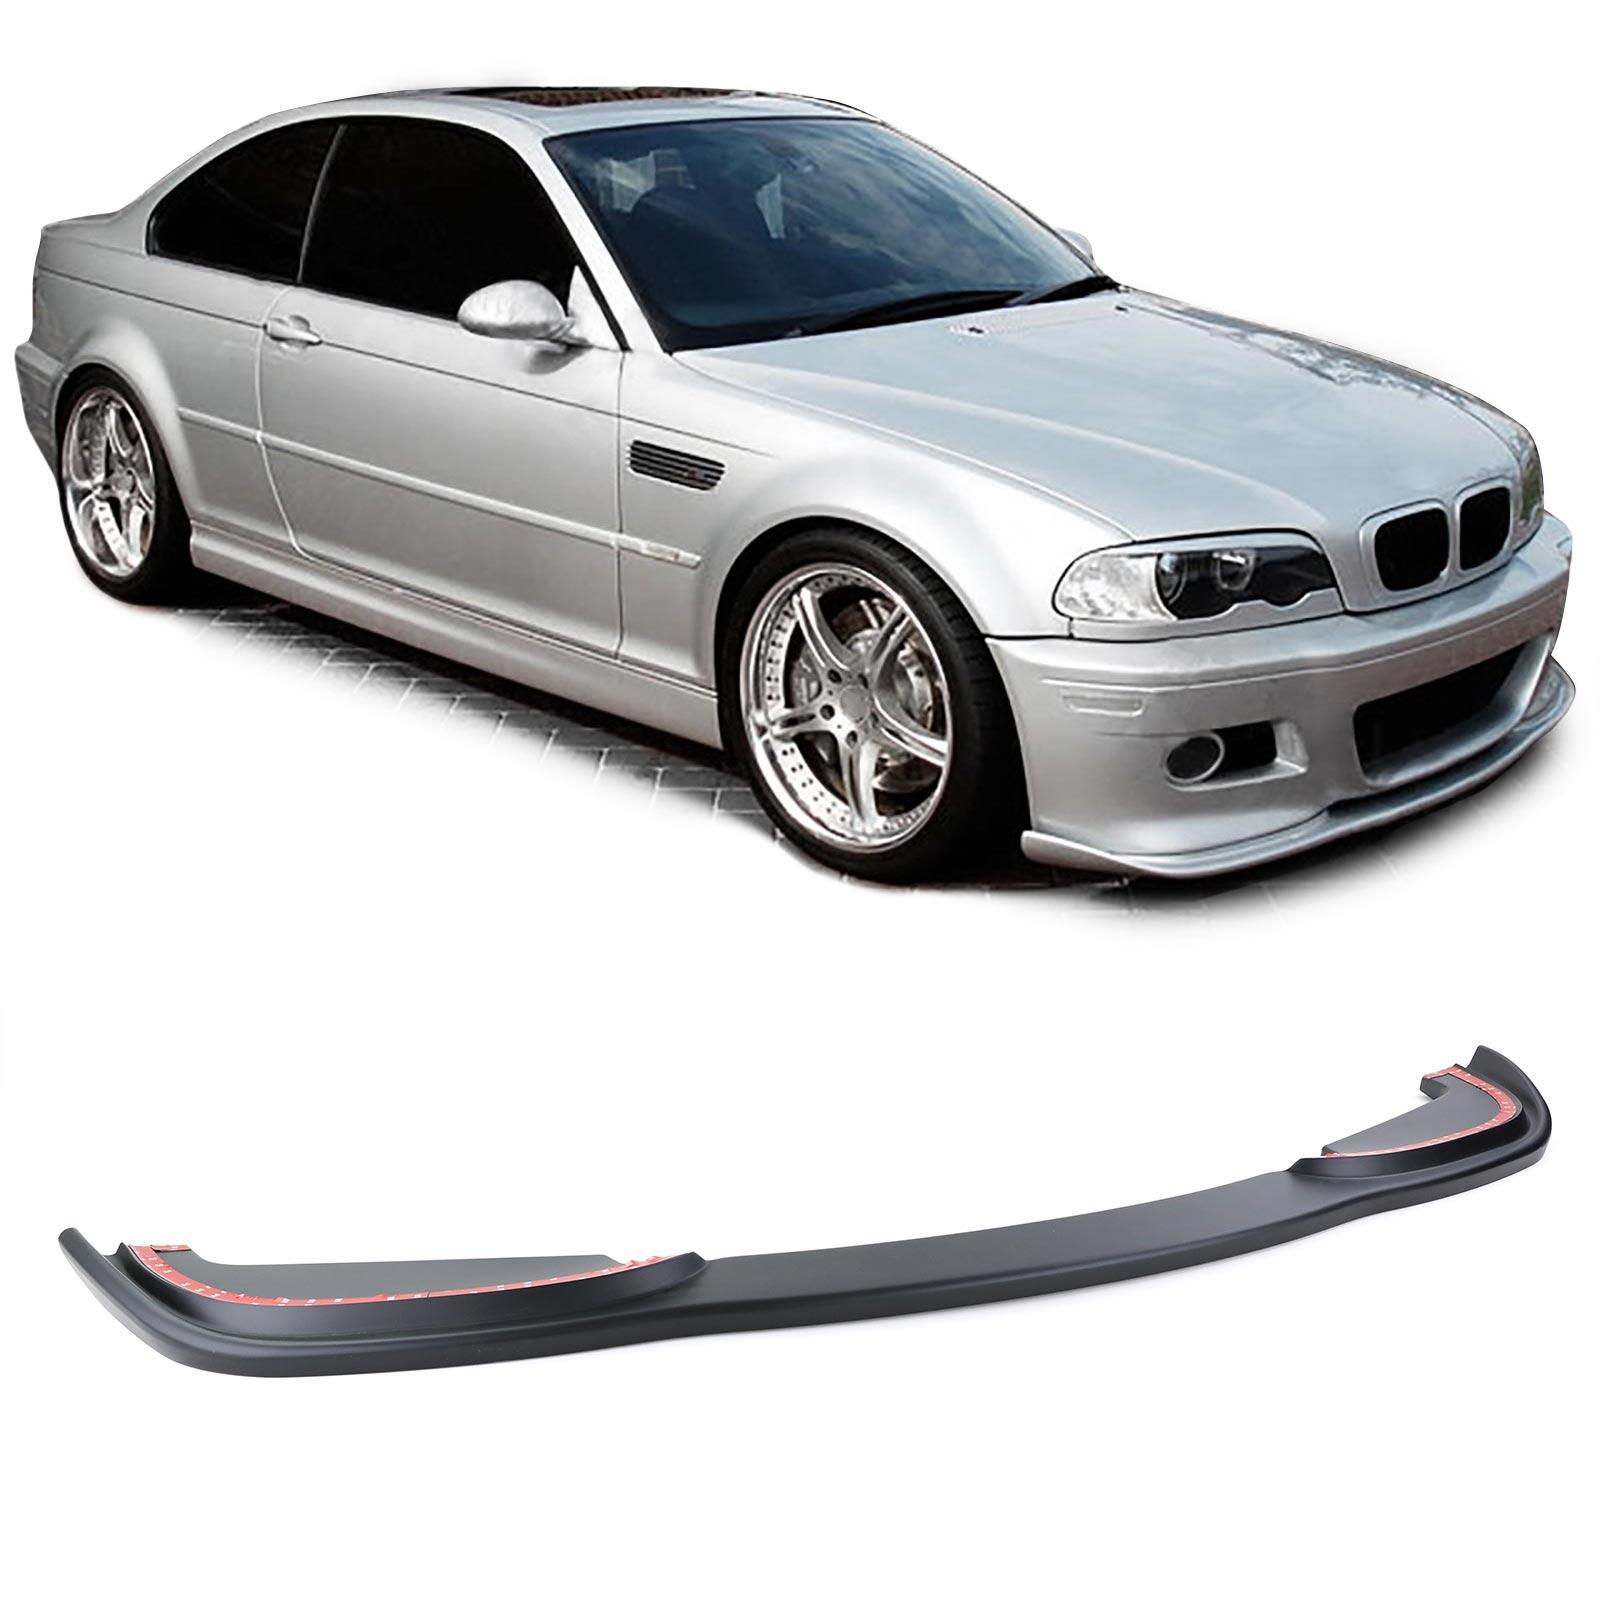 BMW 3er E46 Diffusor für Sportoptik  Stoßstange hinten